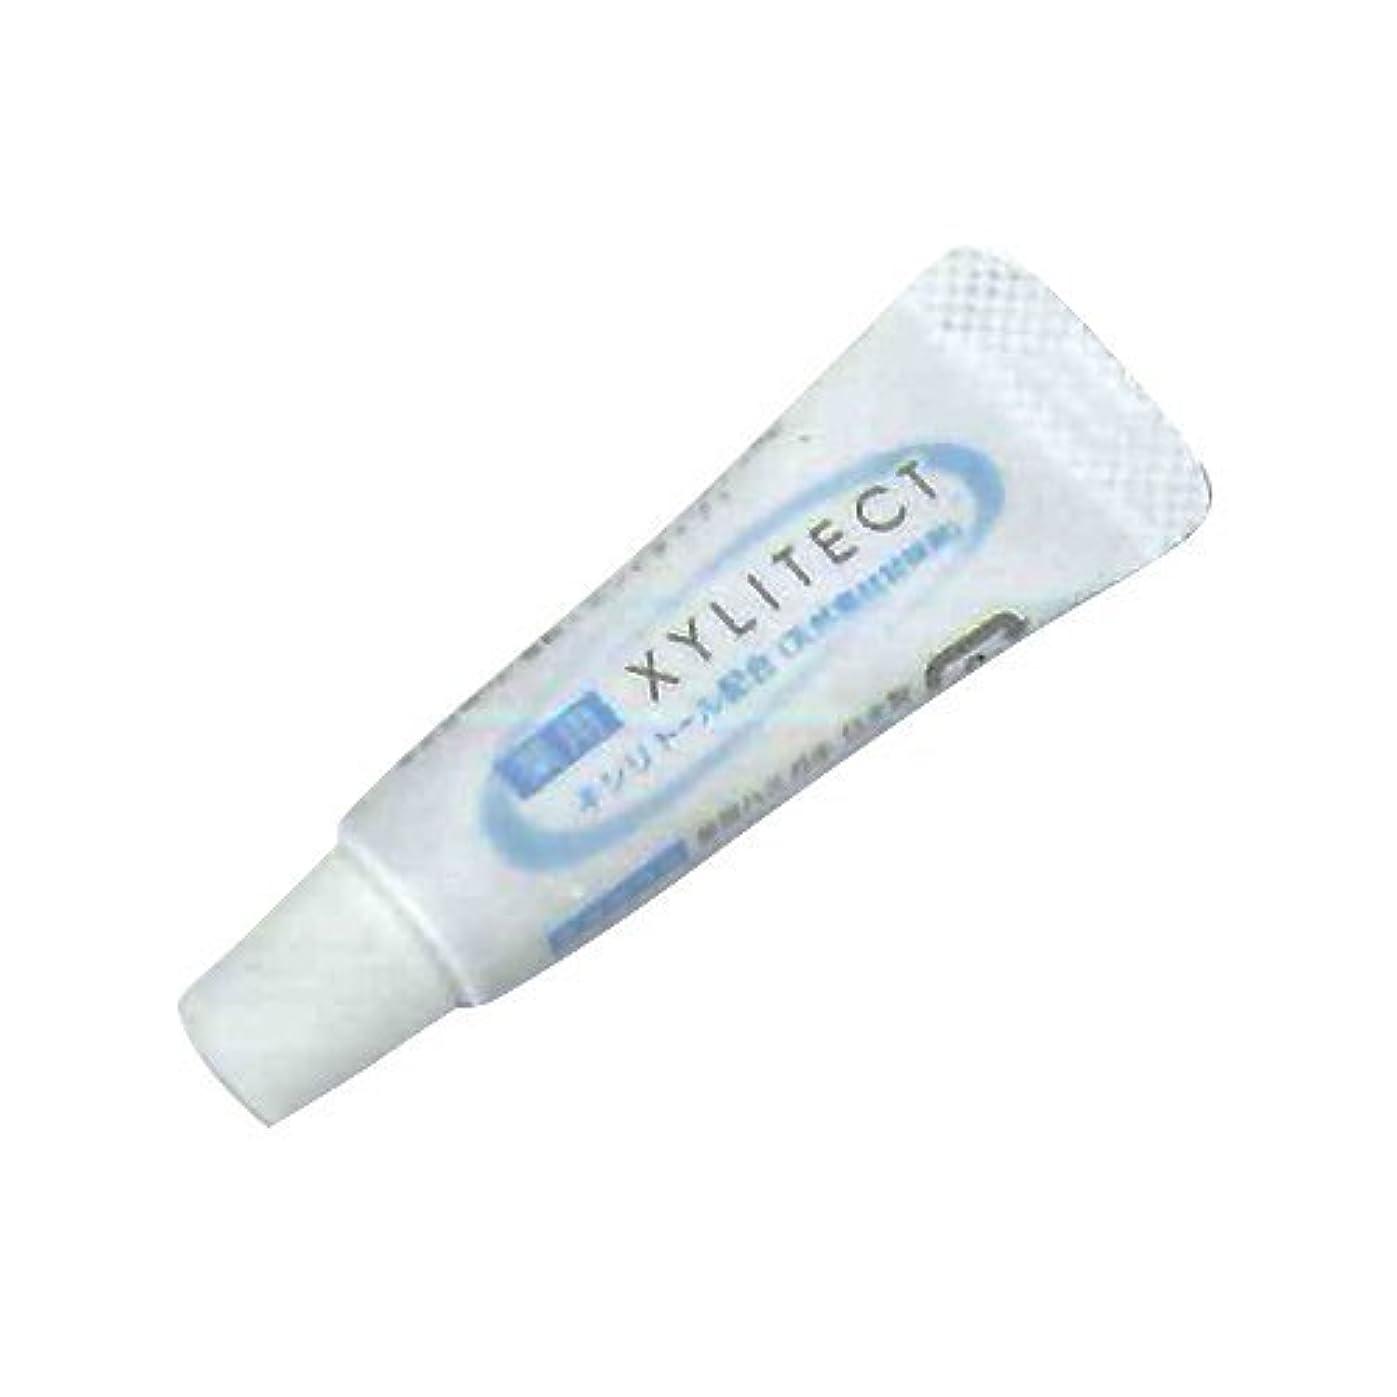 なめるなくなる命題業務用歯磨き粉 薬用キシリテクト (XYLITECT) 4.5g ×500個セット (個包装タイプ) | ホテルアメニティ ハミガキ toothpaste